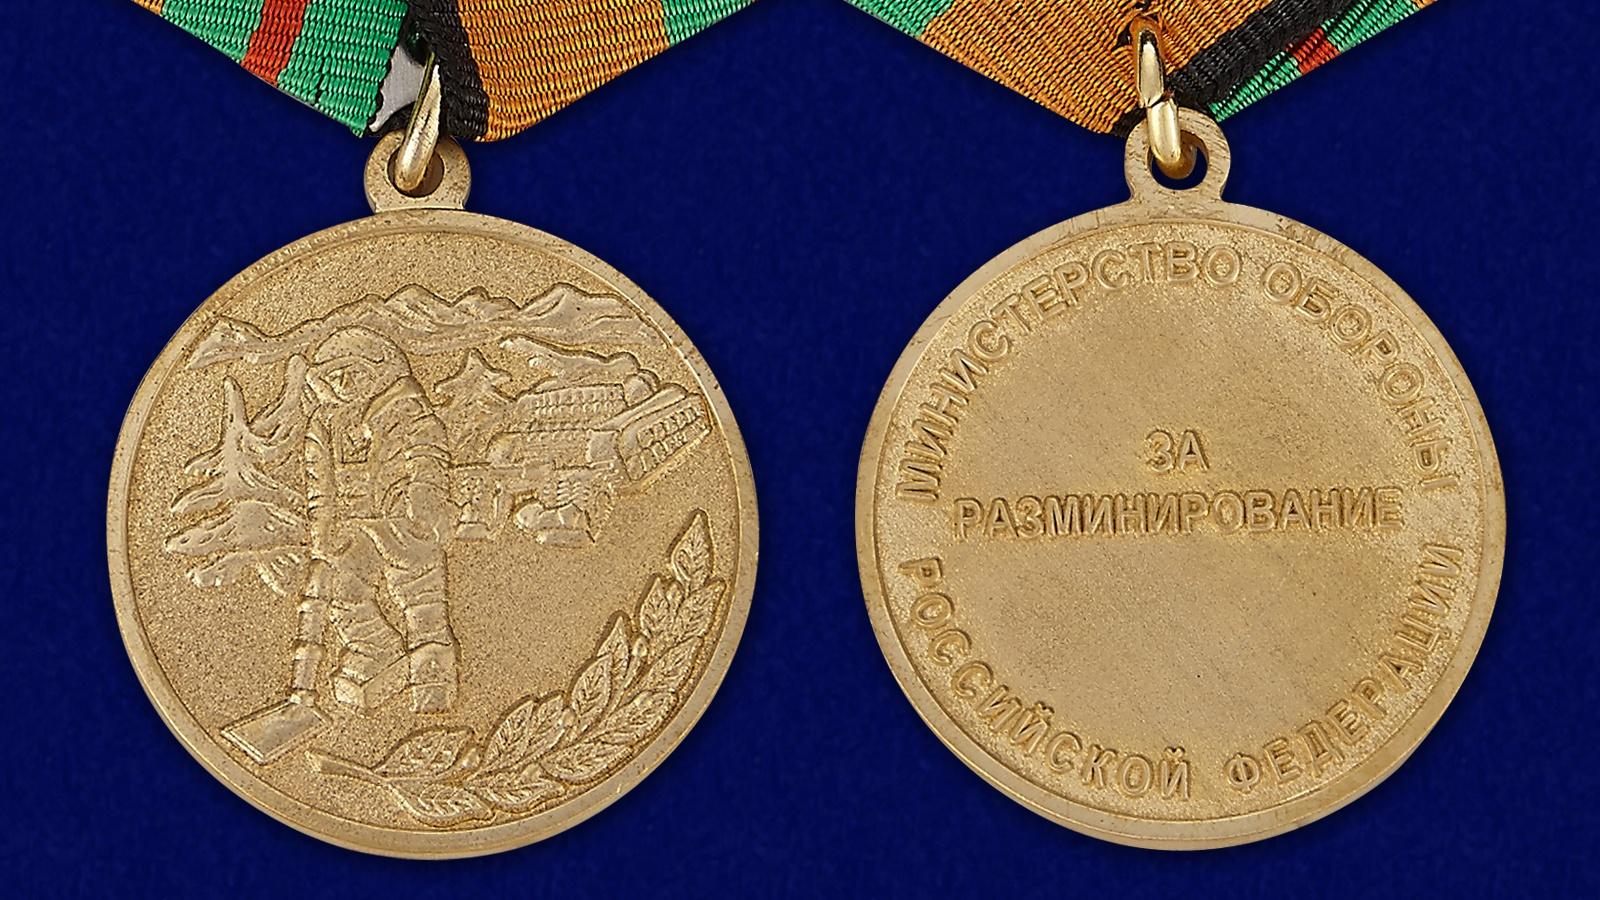 """Медаль МО РФ """"За разминирование"""" в наградном футляре - аверс и реверс"""